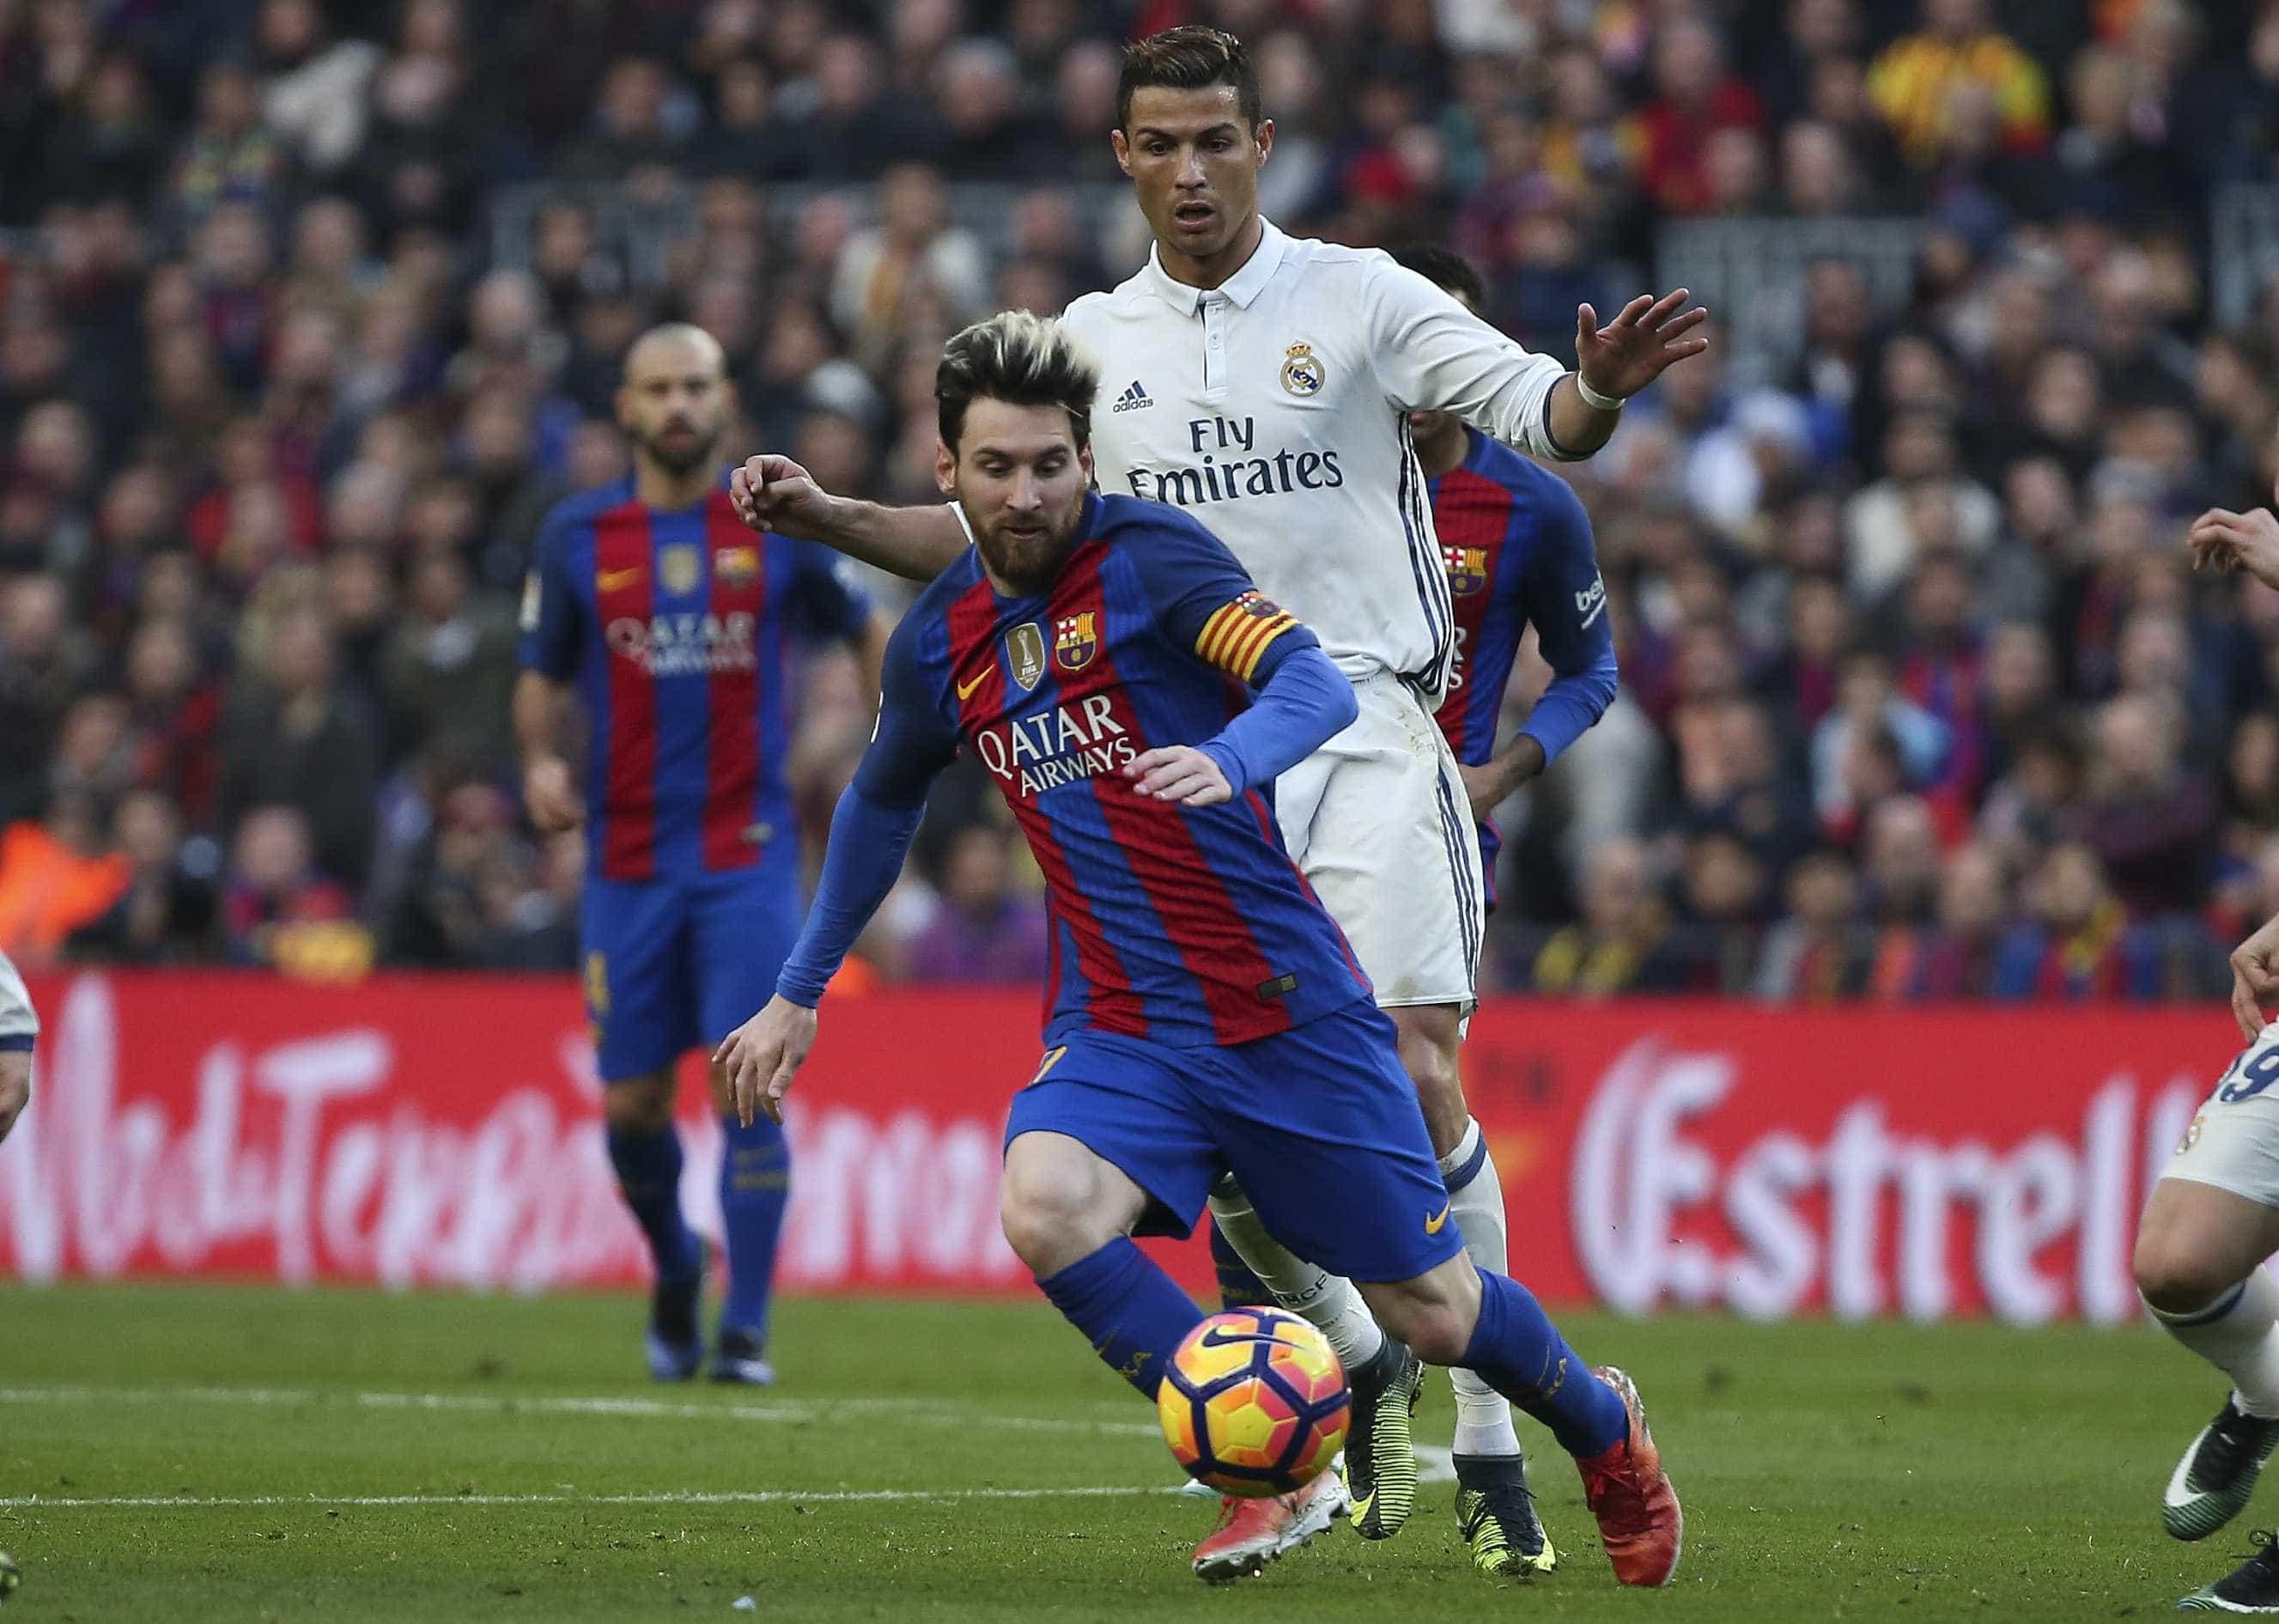 Barça e Real fazem 1º clássico sem Messi e Cristiano Ronaldo desde 2007